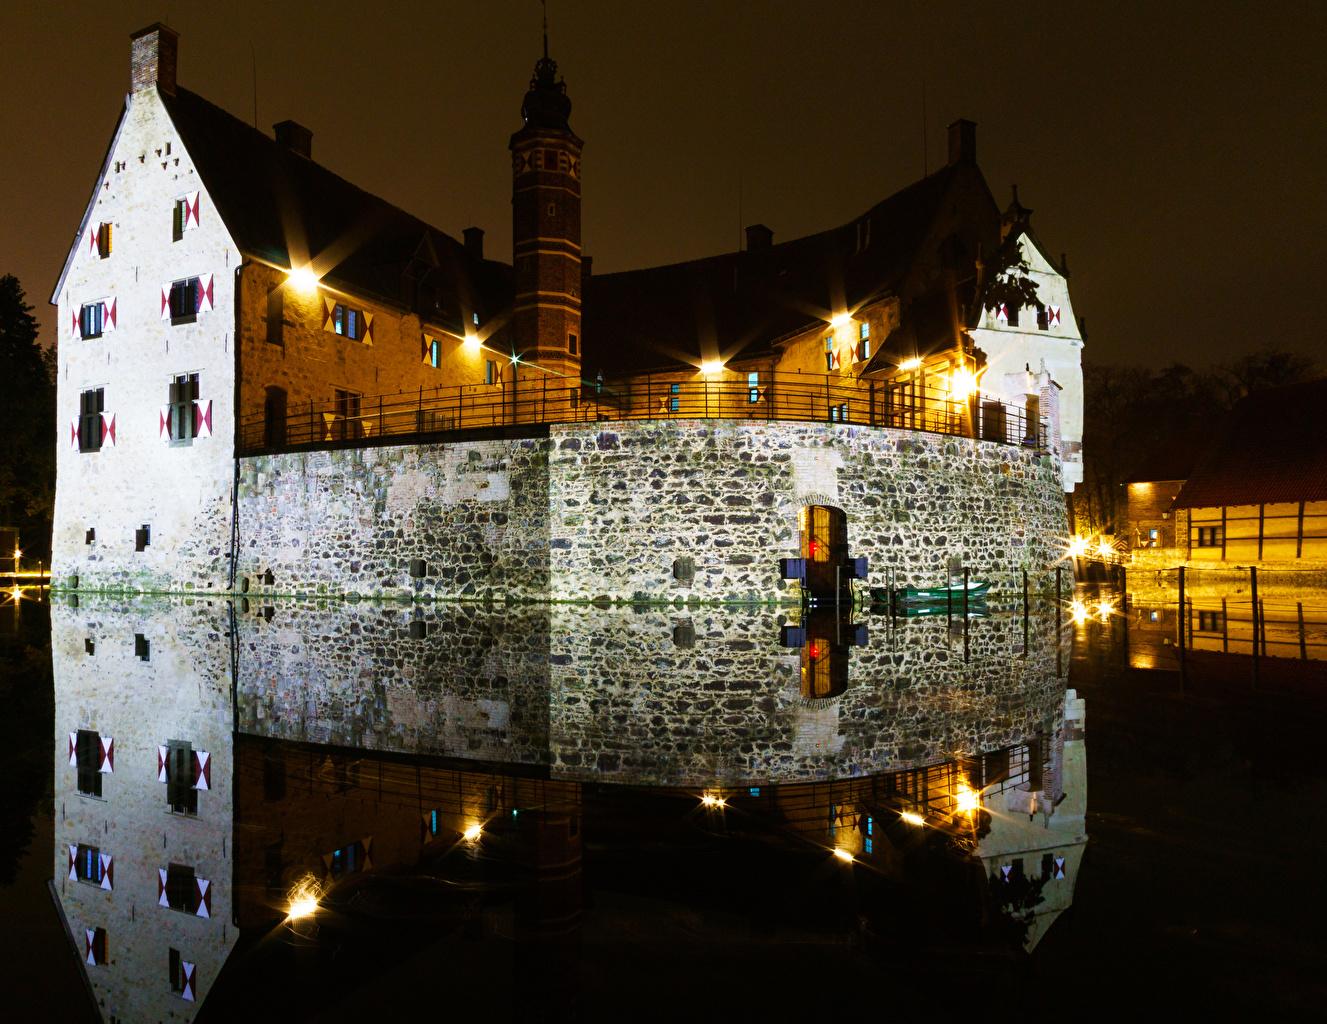 Картинка Германия Vischering Castle Замки Пруд отражении ночью Уличные фонари Города замок Отражение отражается Ночь в ночи Ночные город